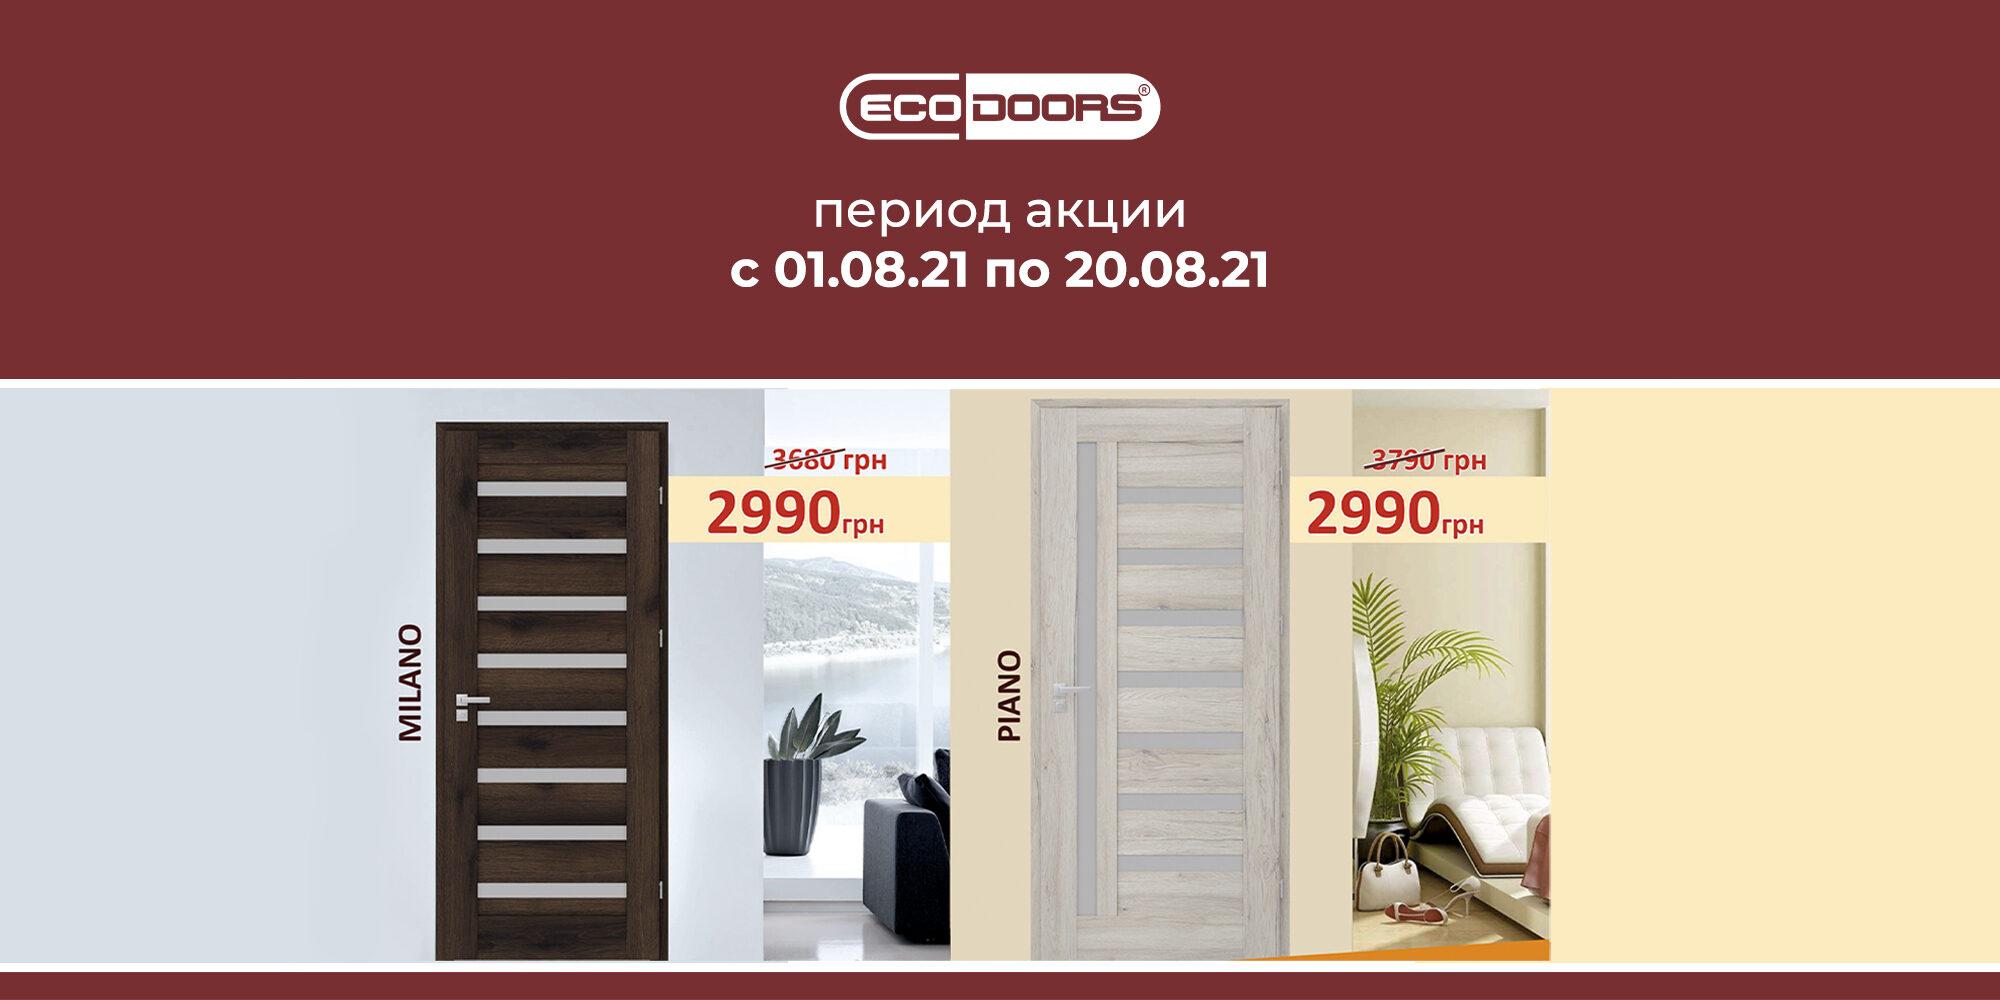 Акция 20.08.21 EcoDoors